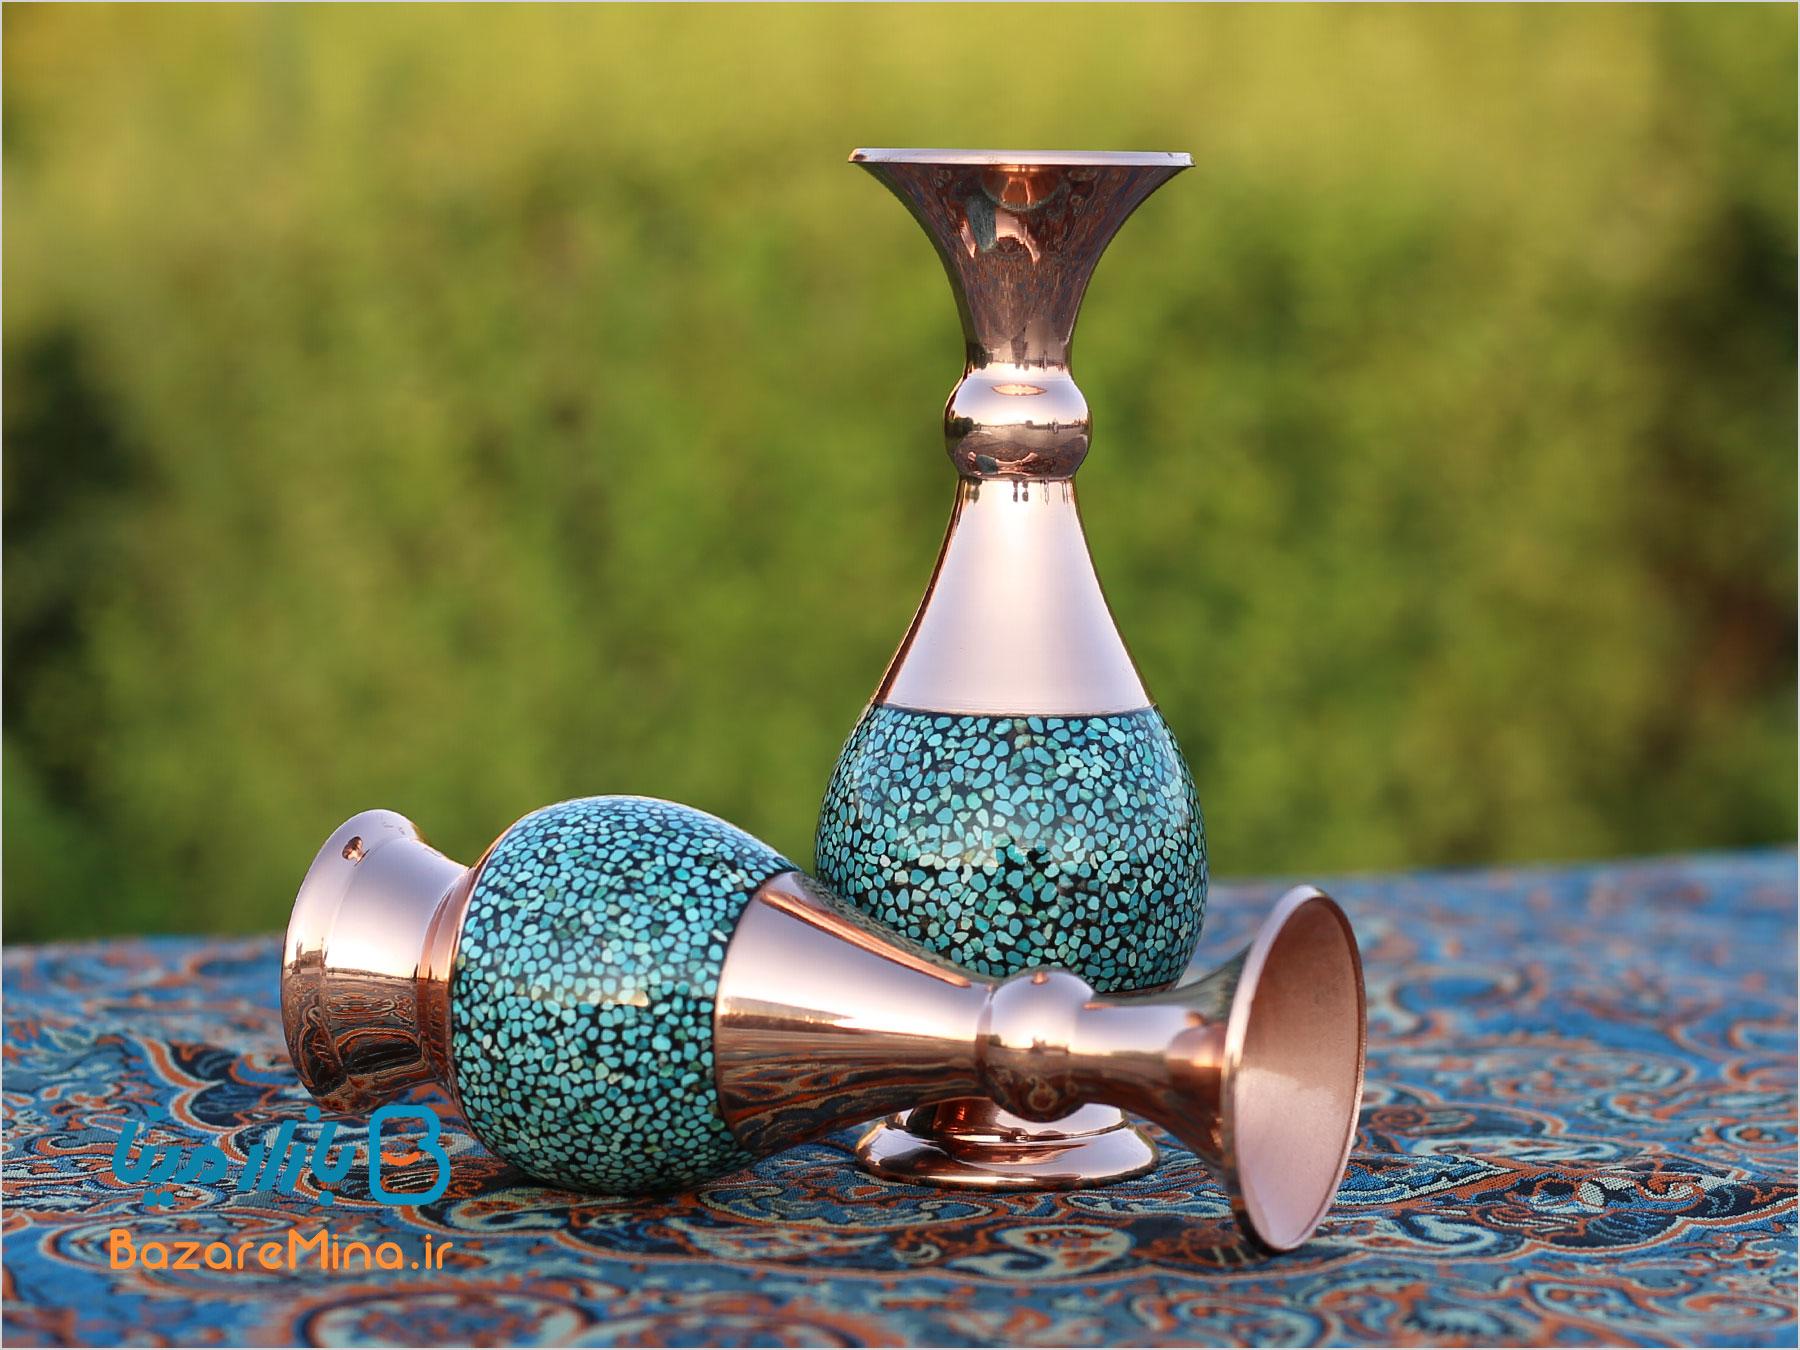 فیروزه کوبی در اصفهان